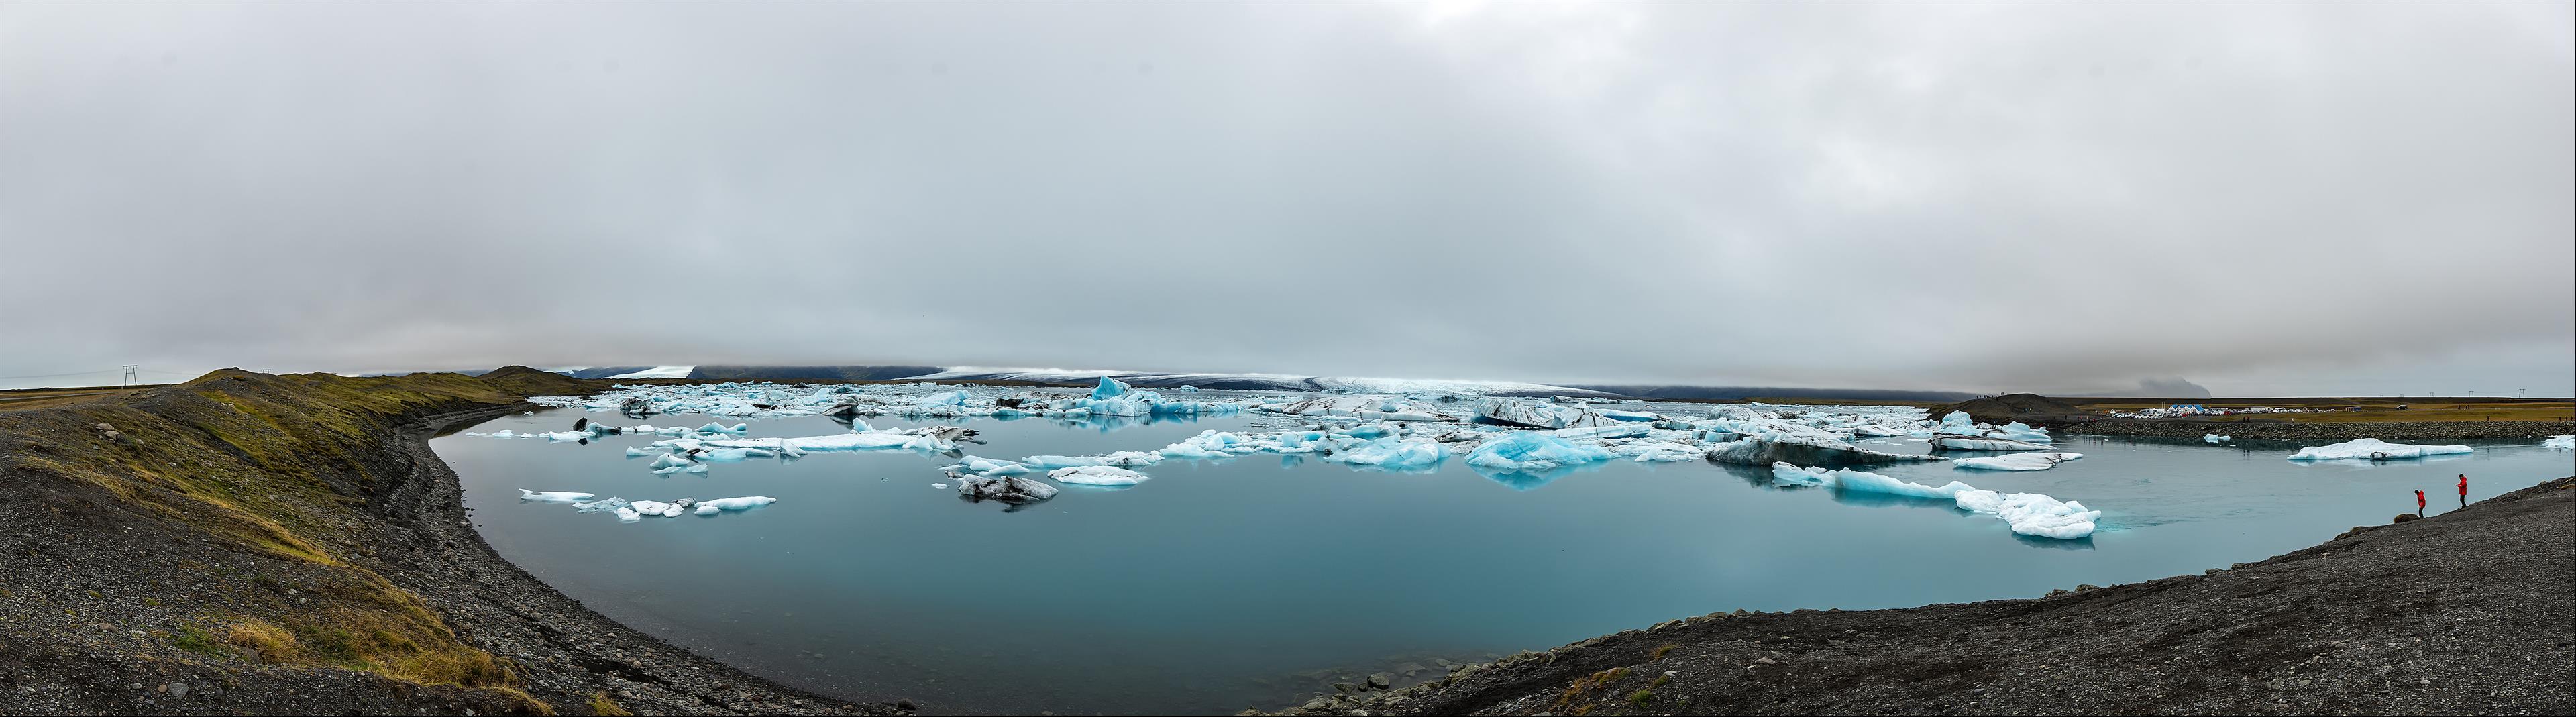 傑古沙龍冰河湖 Jokulsarlon